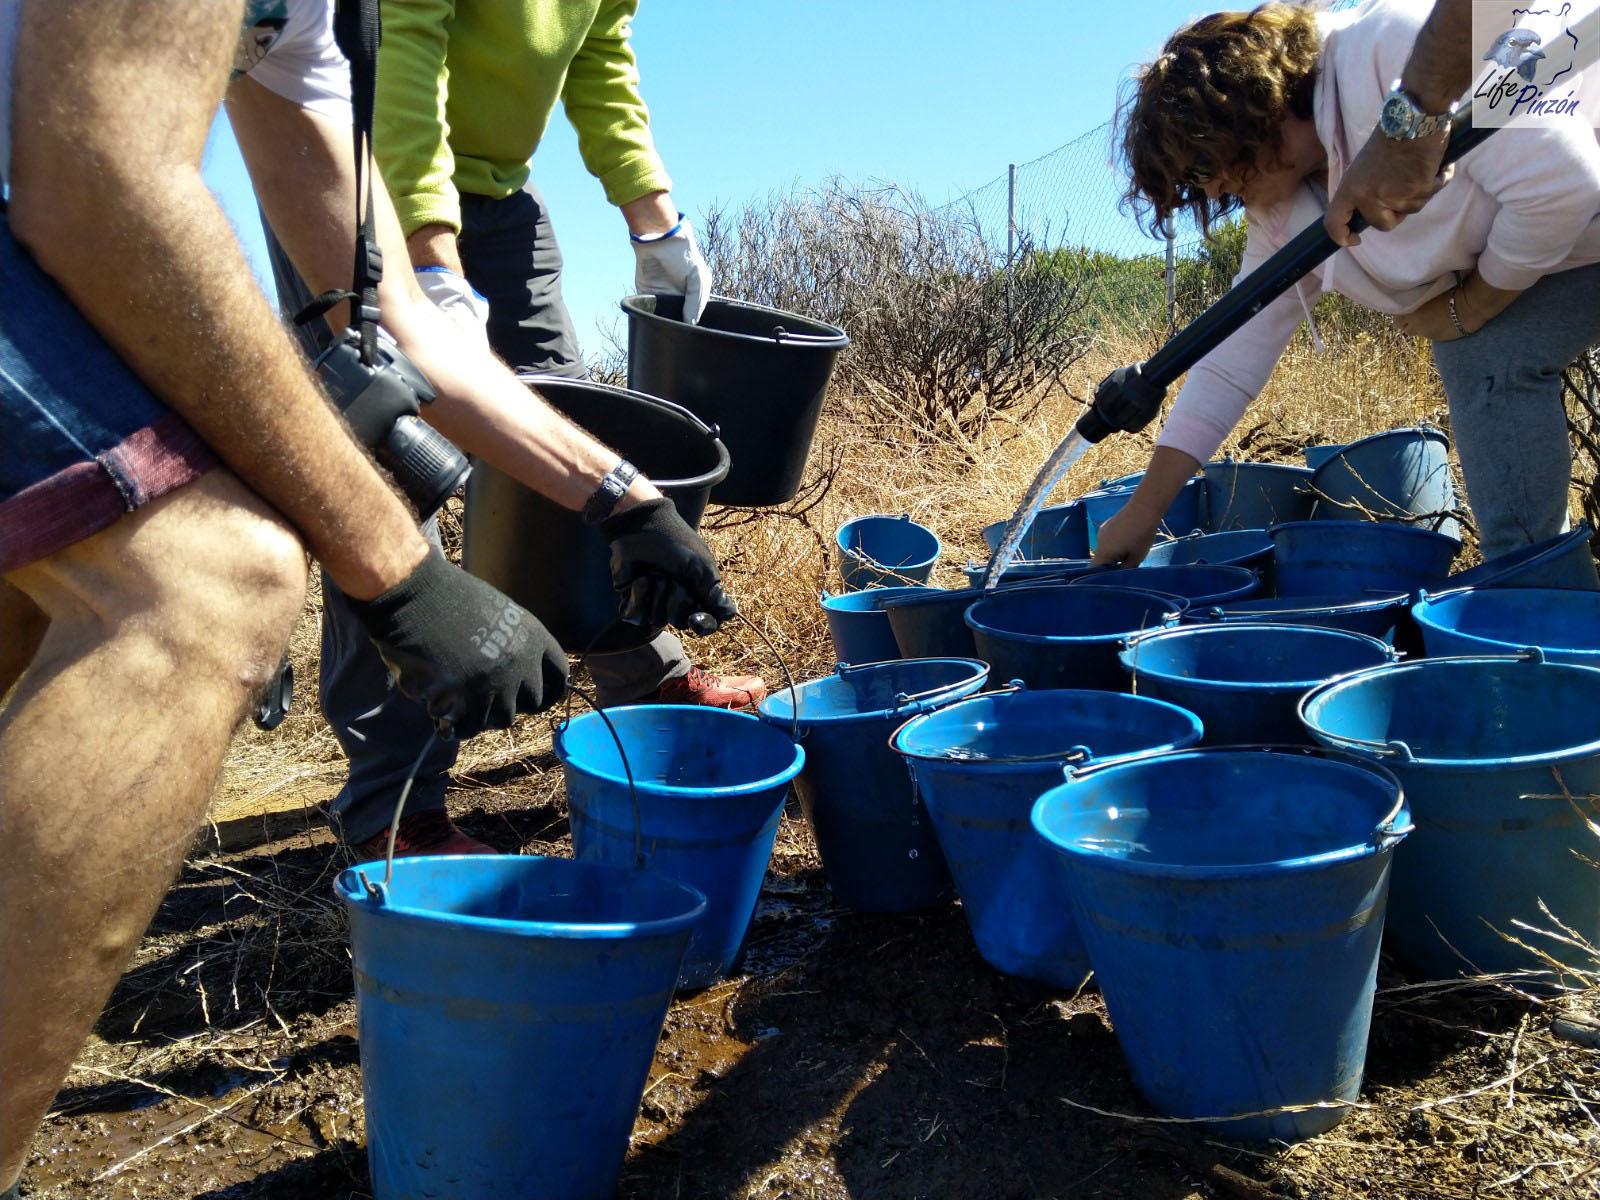 Voluntarios riegan las repoblaciones con 18000 litros de agua